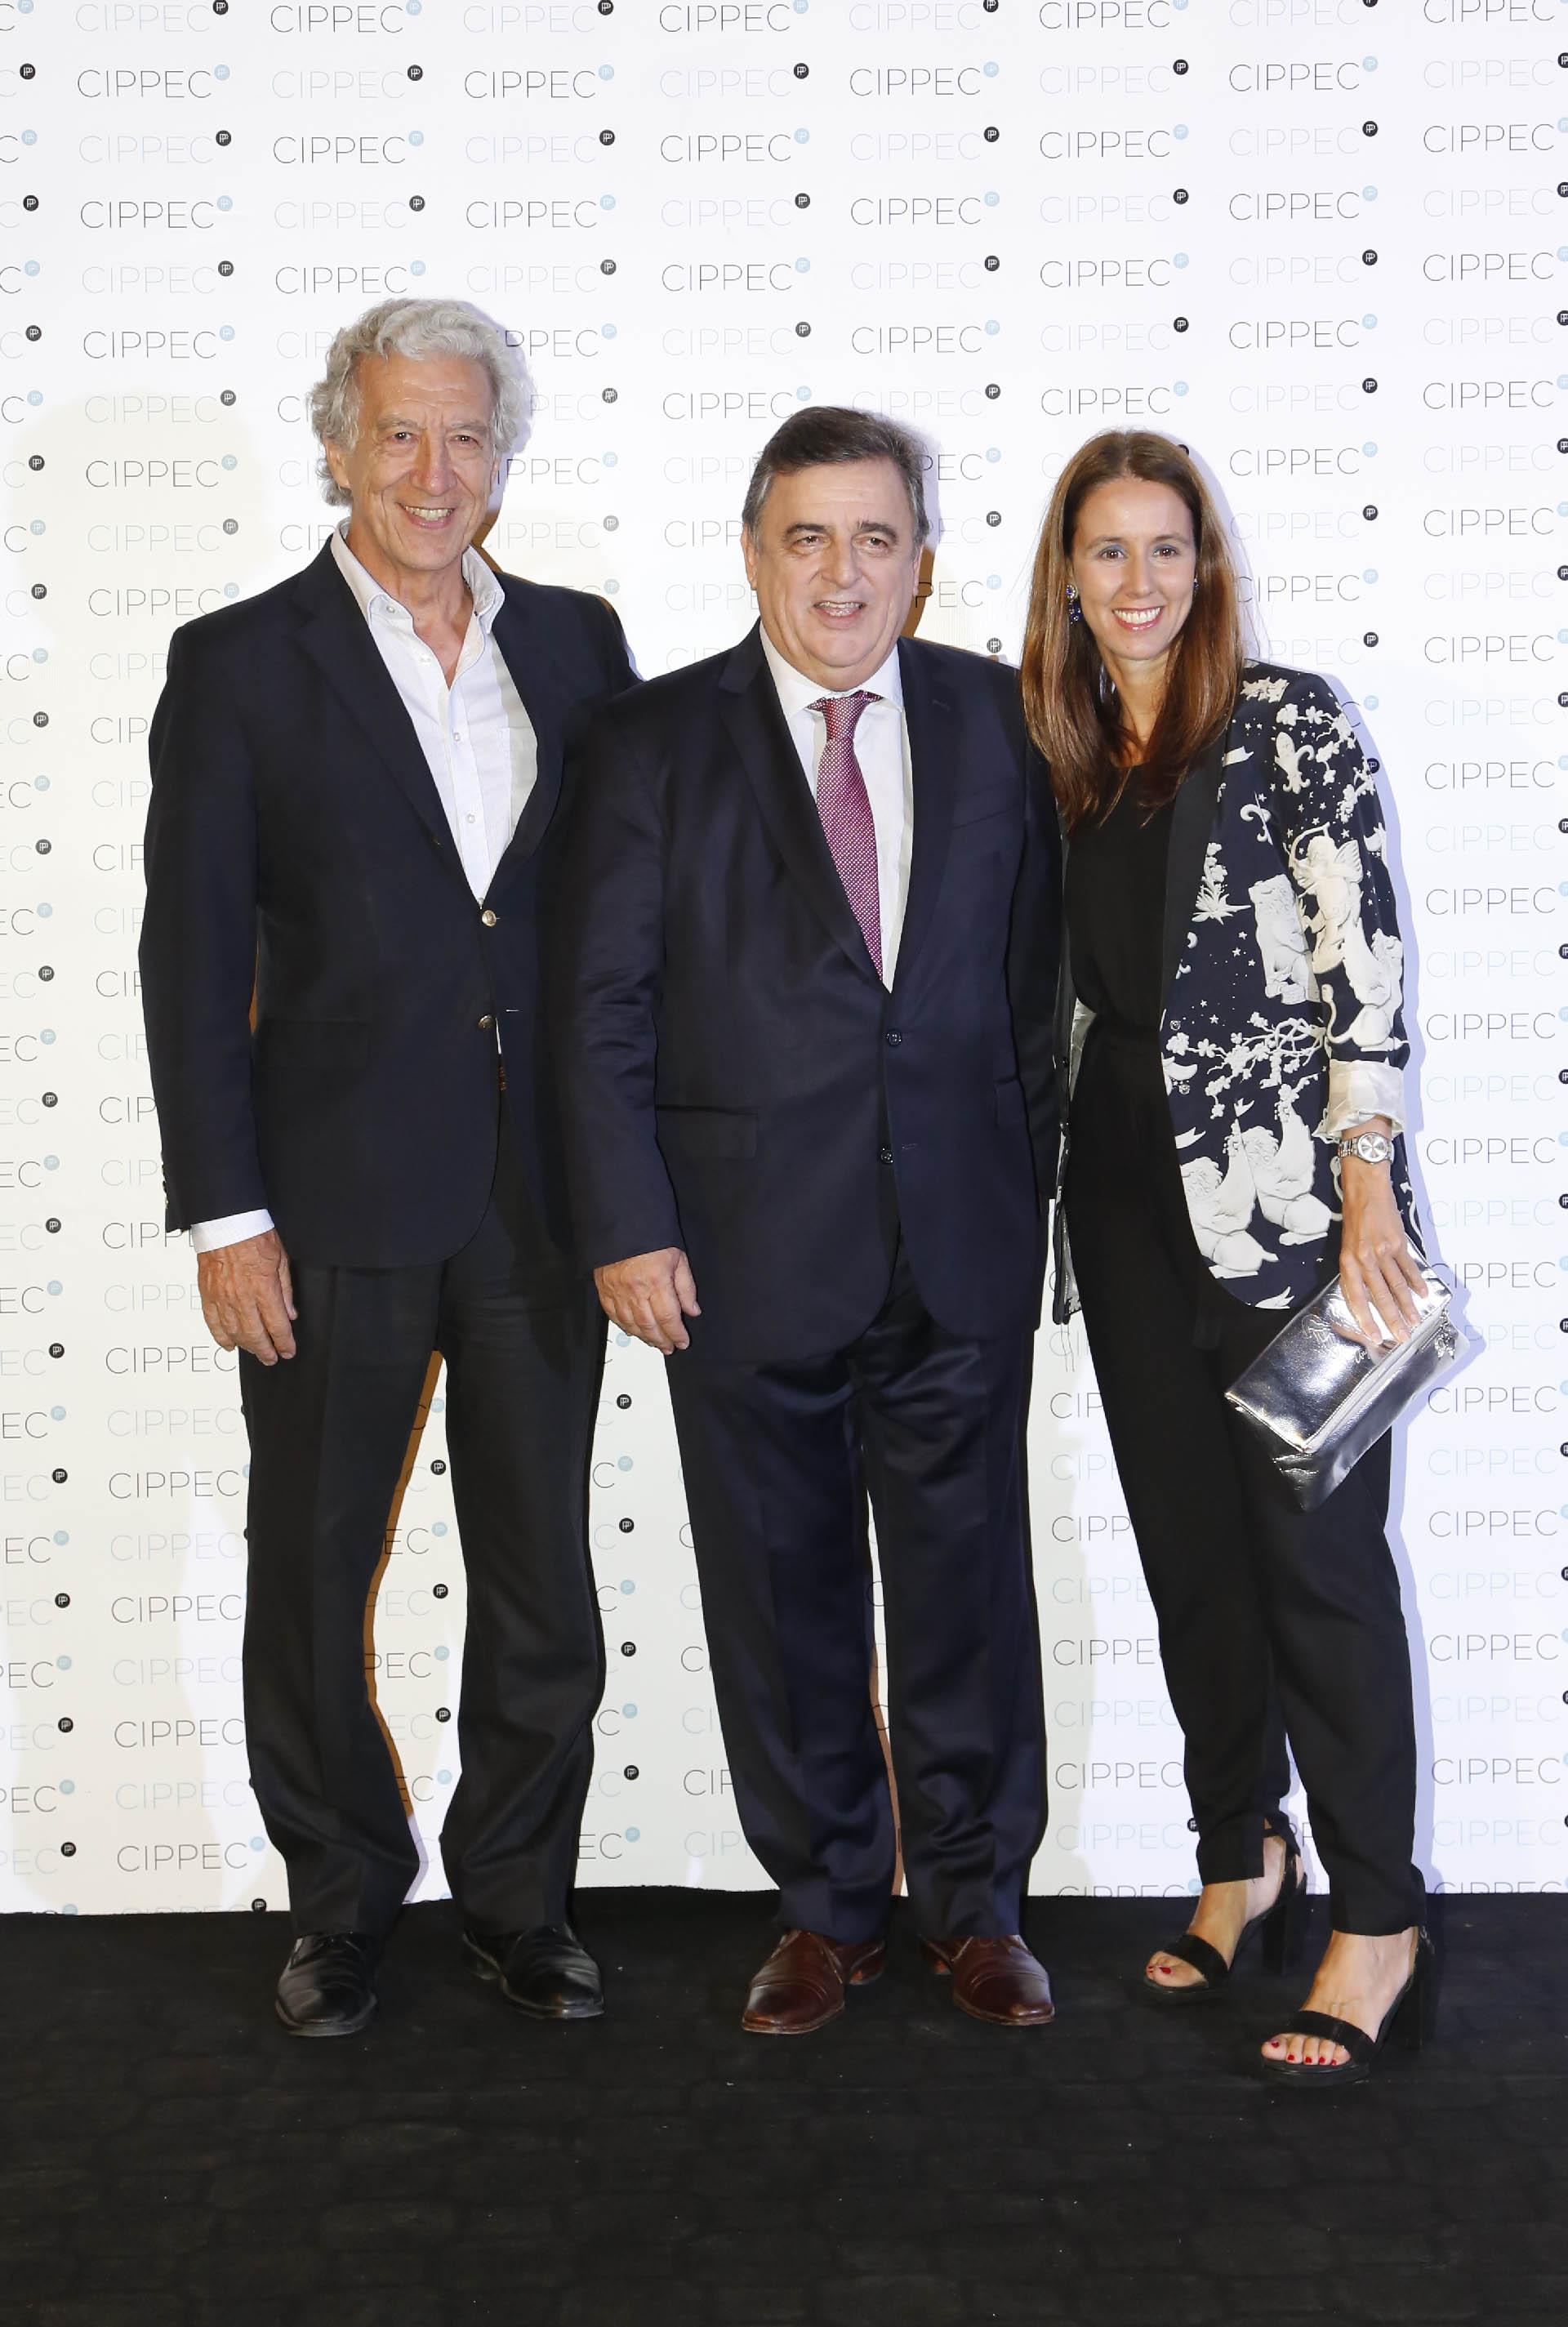 El presidente de la Asociación Empresarial Argentina, Jaime Campos, junto a Mario Negri, presidente del interbloque de diputados de Cambiemos y Lucila Lalanne, RRII Techint